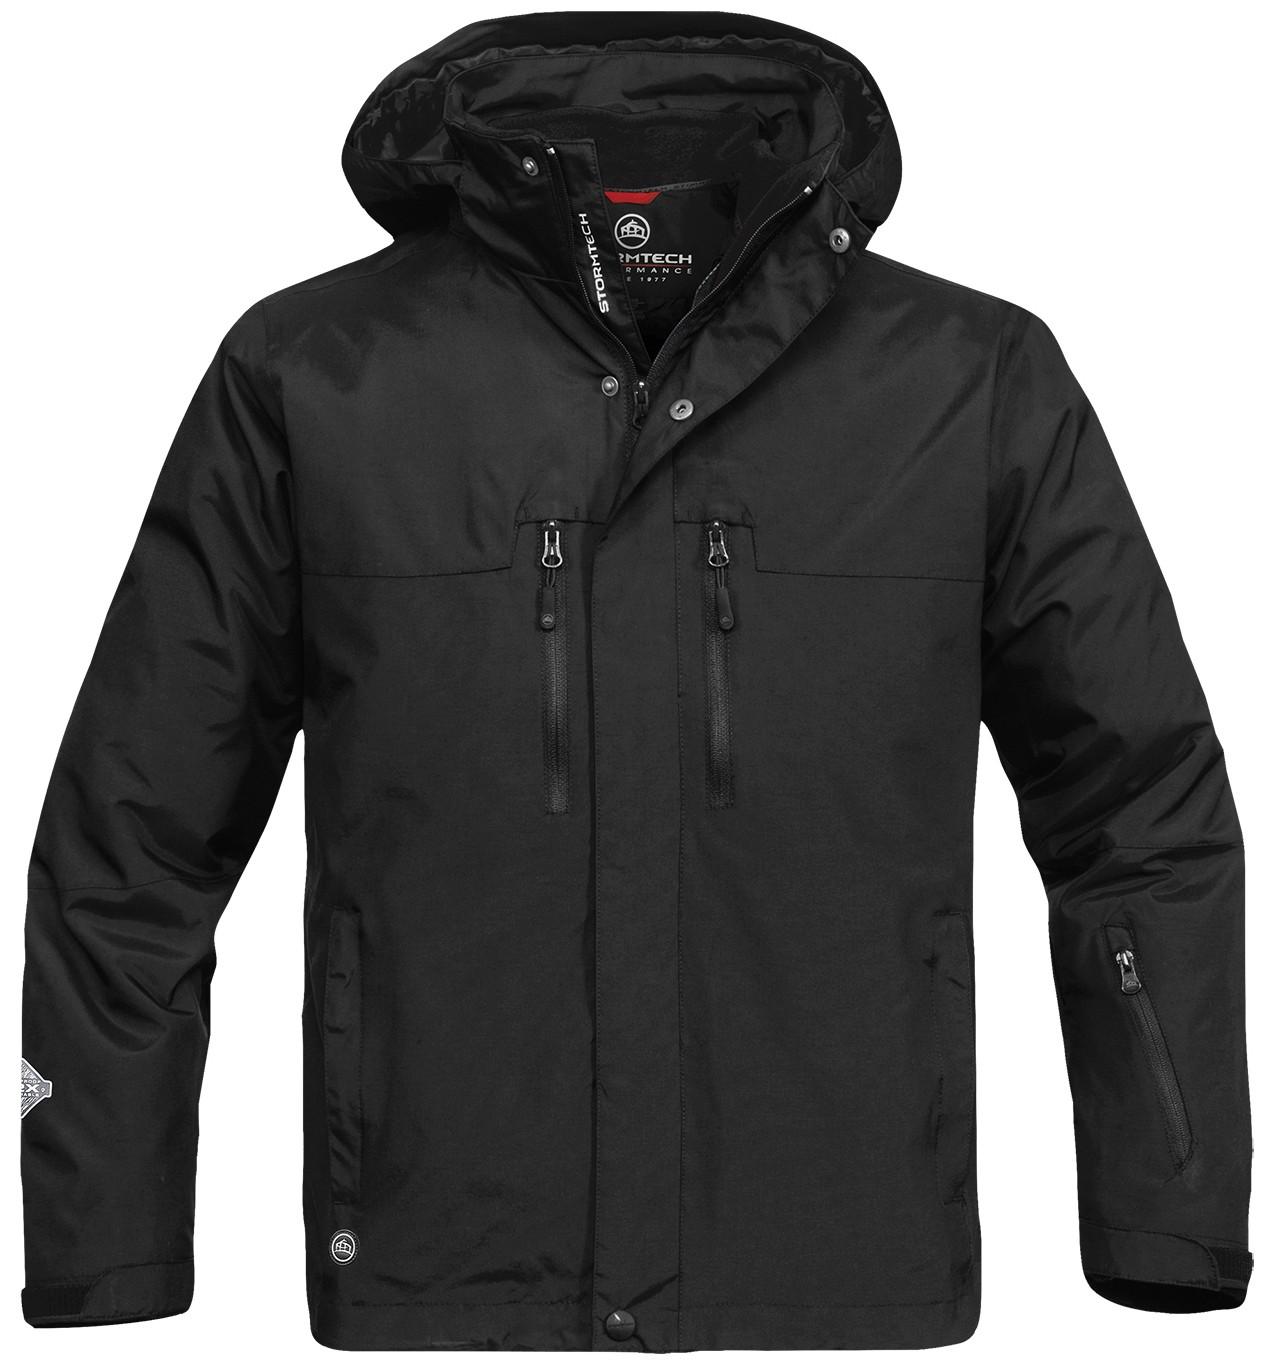 Stormtech Beaufort jacket